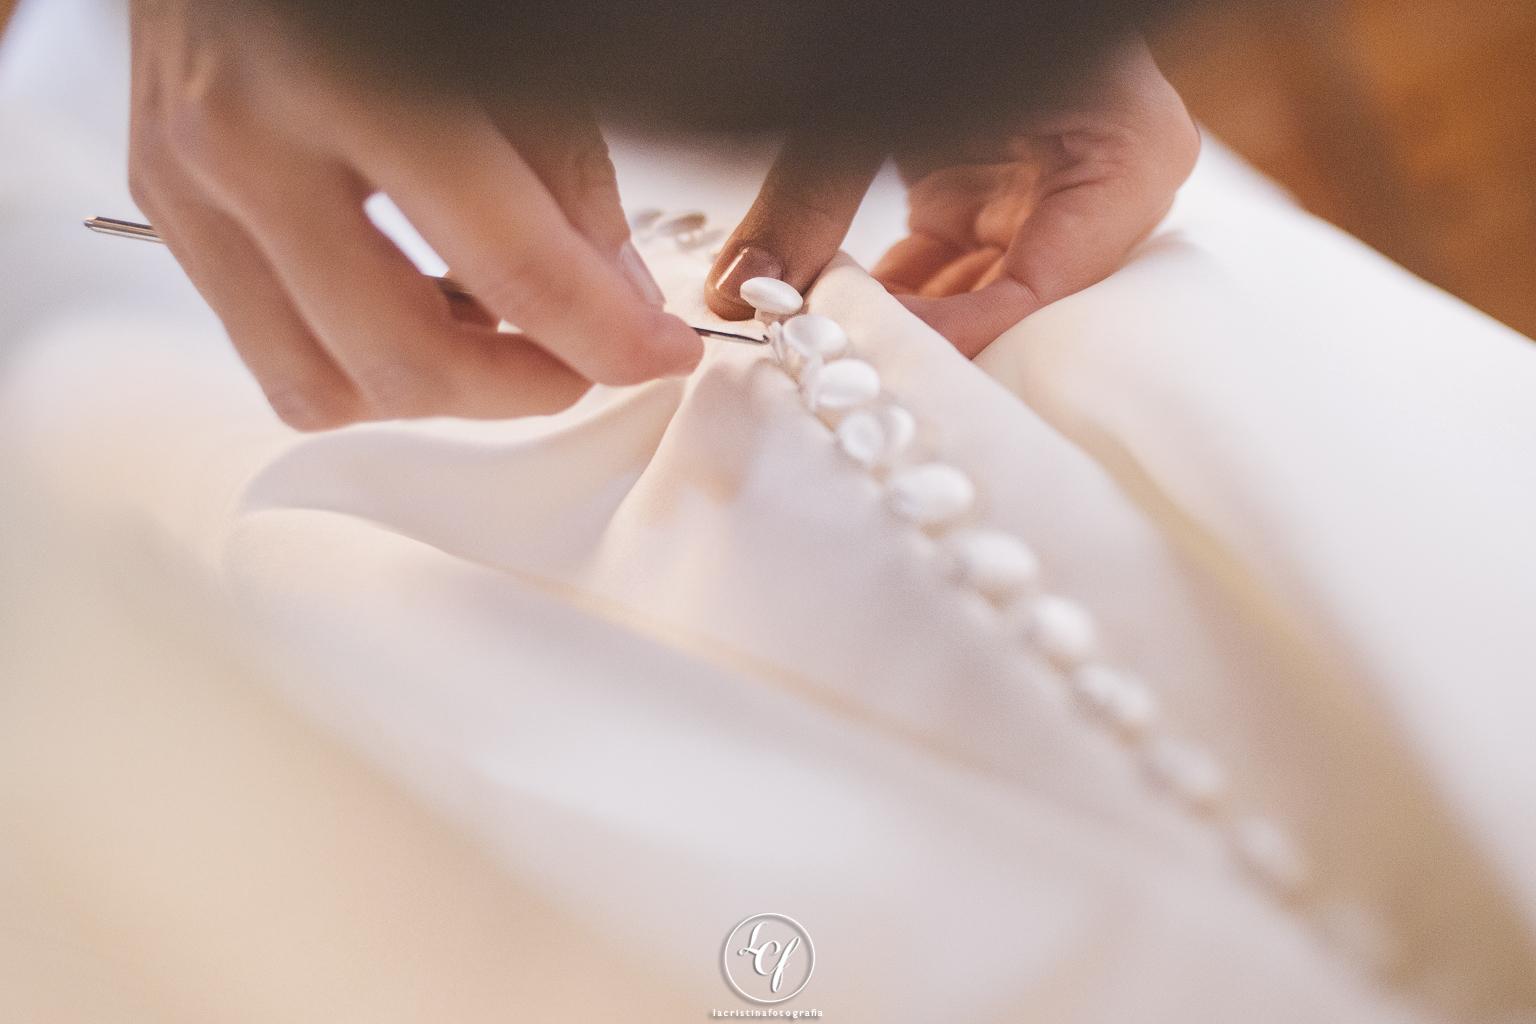 fotógrafo de boda :: bodas de cuento :: boda en la baronía :: boda en otoño :: bodas románticas :: fotografía de bodas :: bodas con encanto